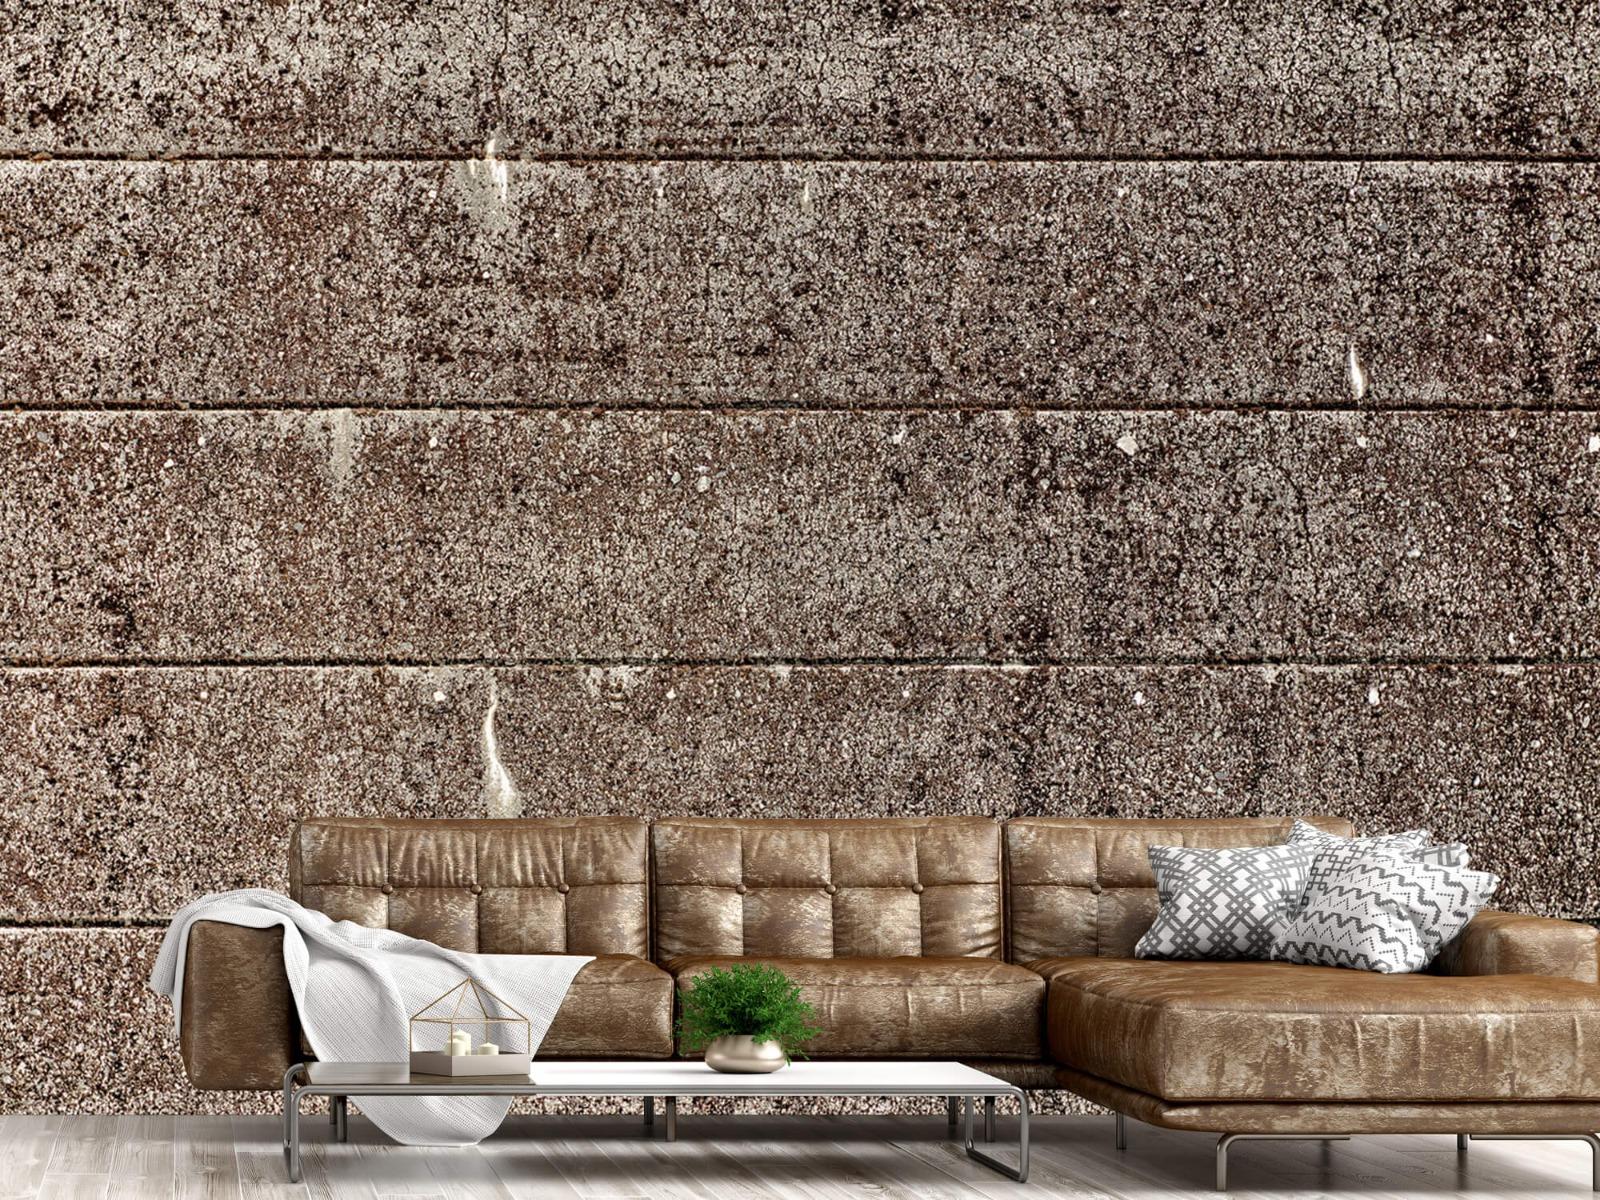 Steen behang - Oude betonnen damwand - Tienerkamer 15